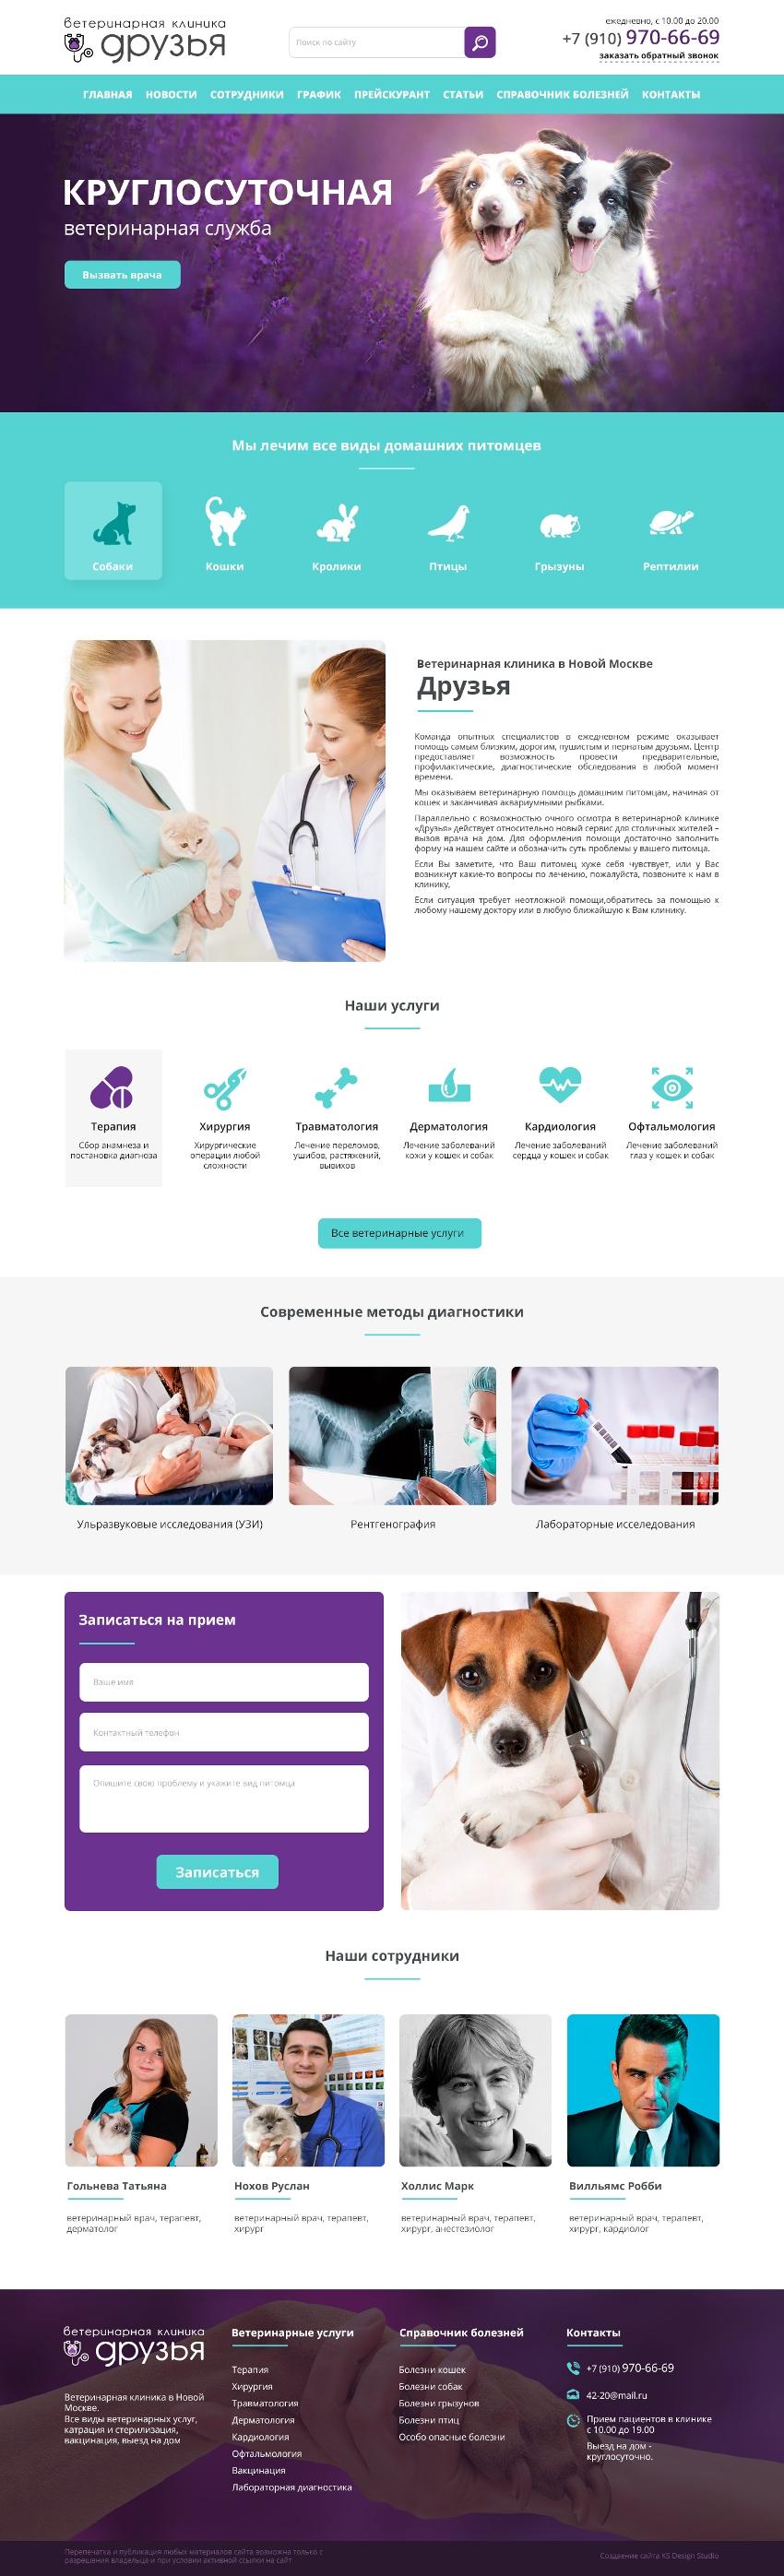 дизайн сайта ветеринарной клиники, сайт для ветеринарки, дизайн сайта для ветврача